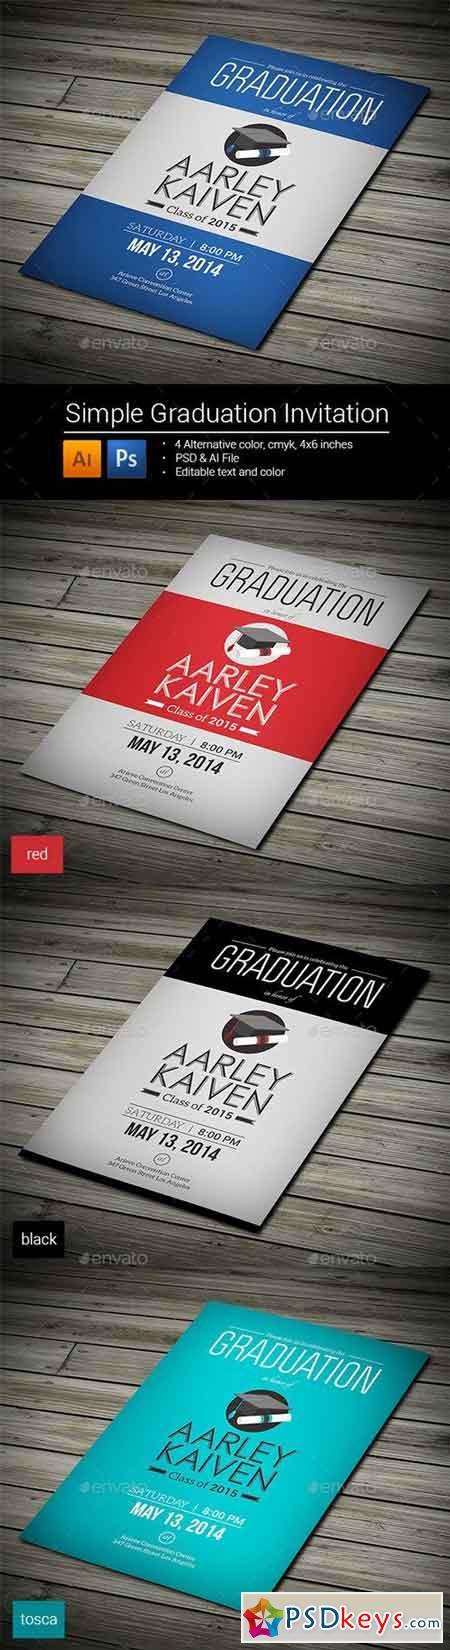 Simple Graduation Invitation 8993243